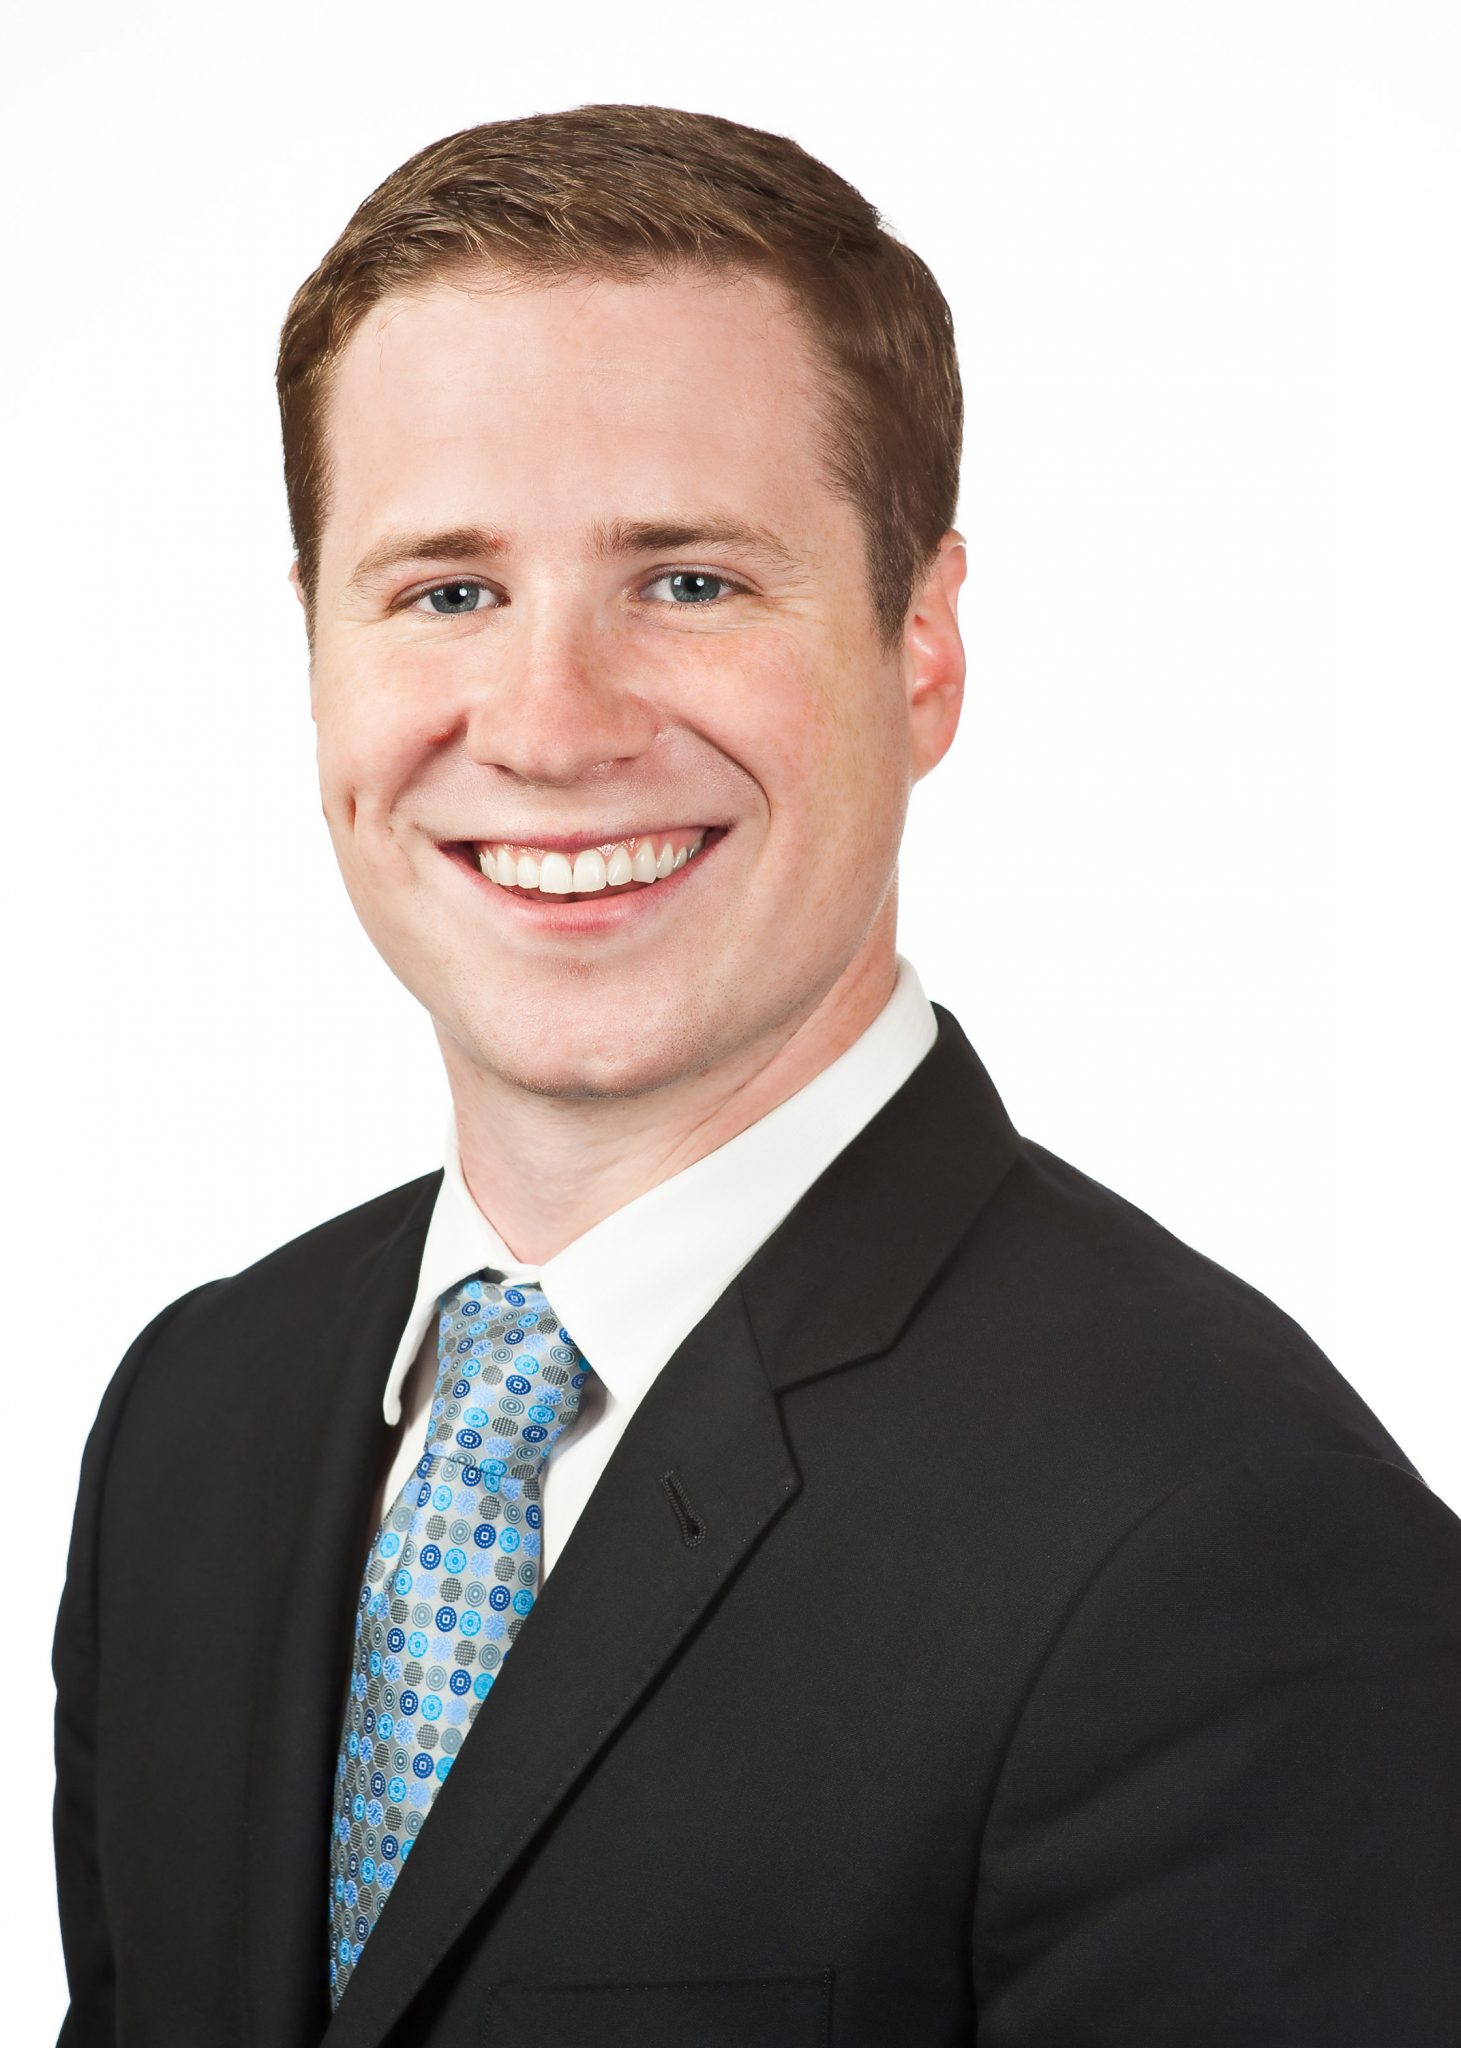 Jared Grose